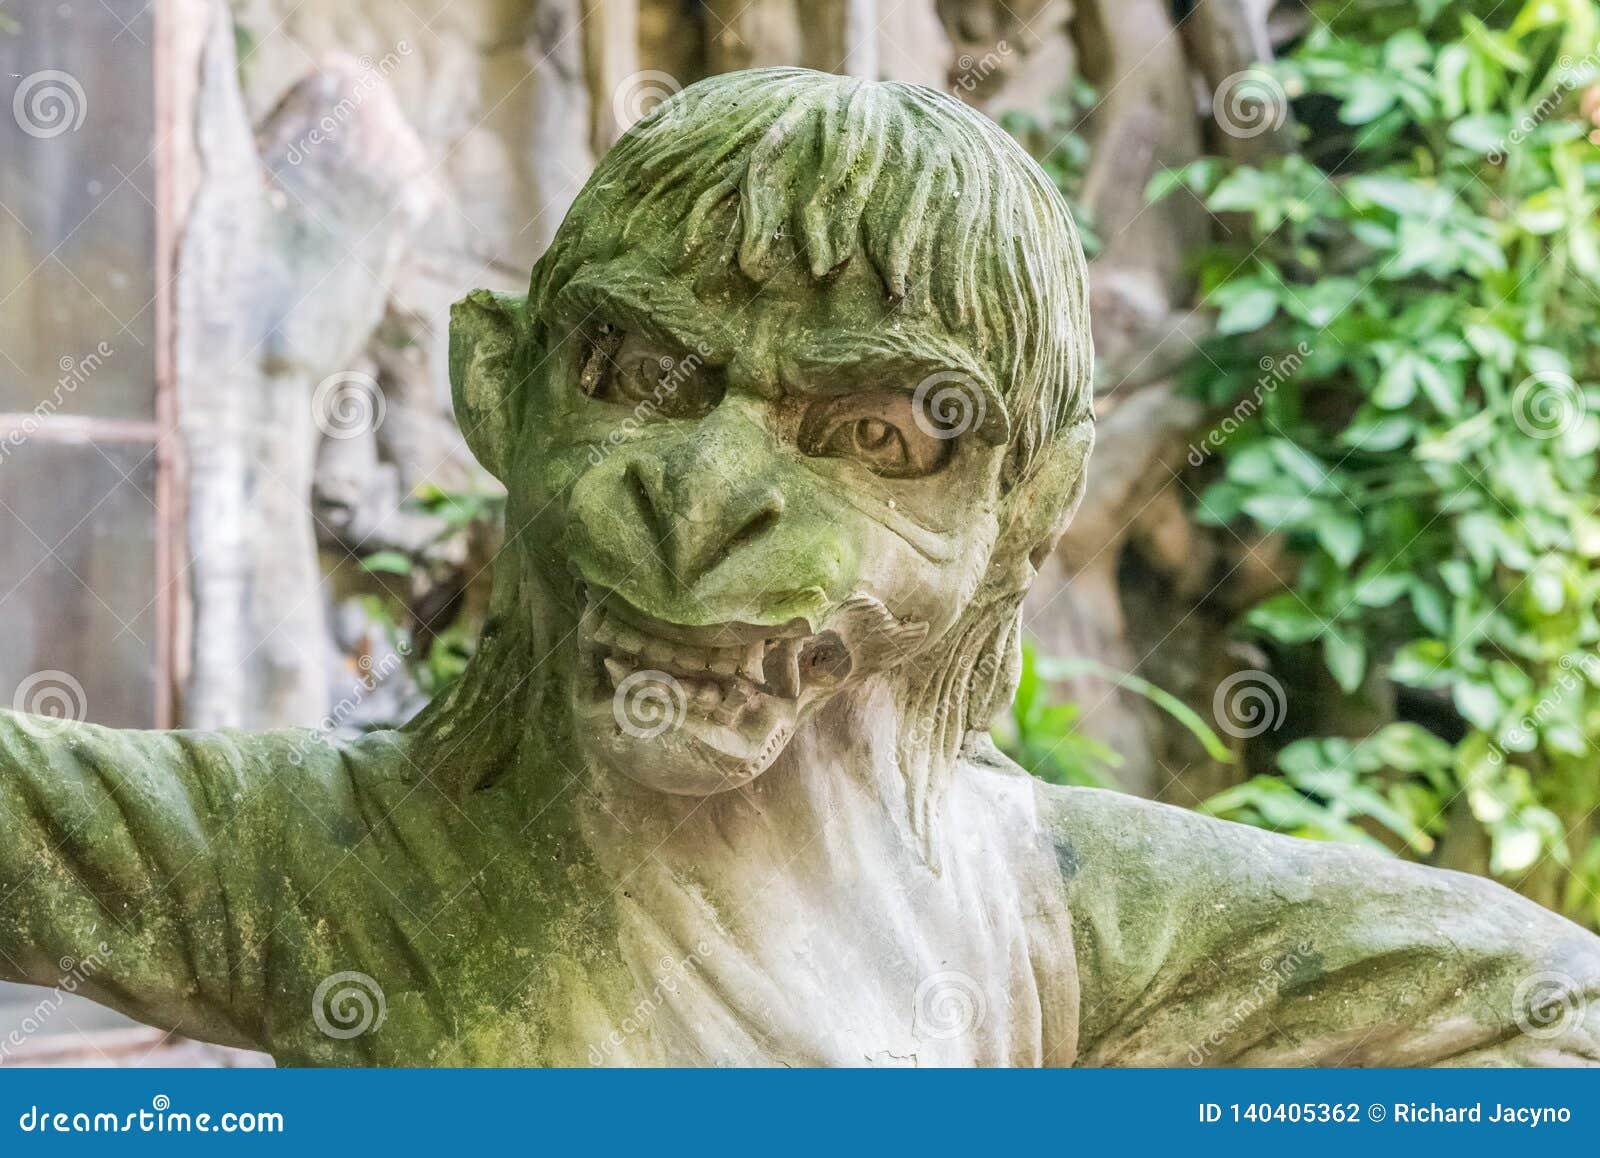 Balijczyk statua małpy mityczna istota